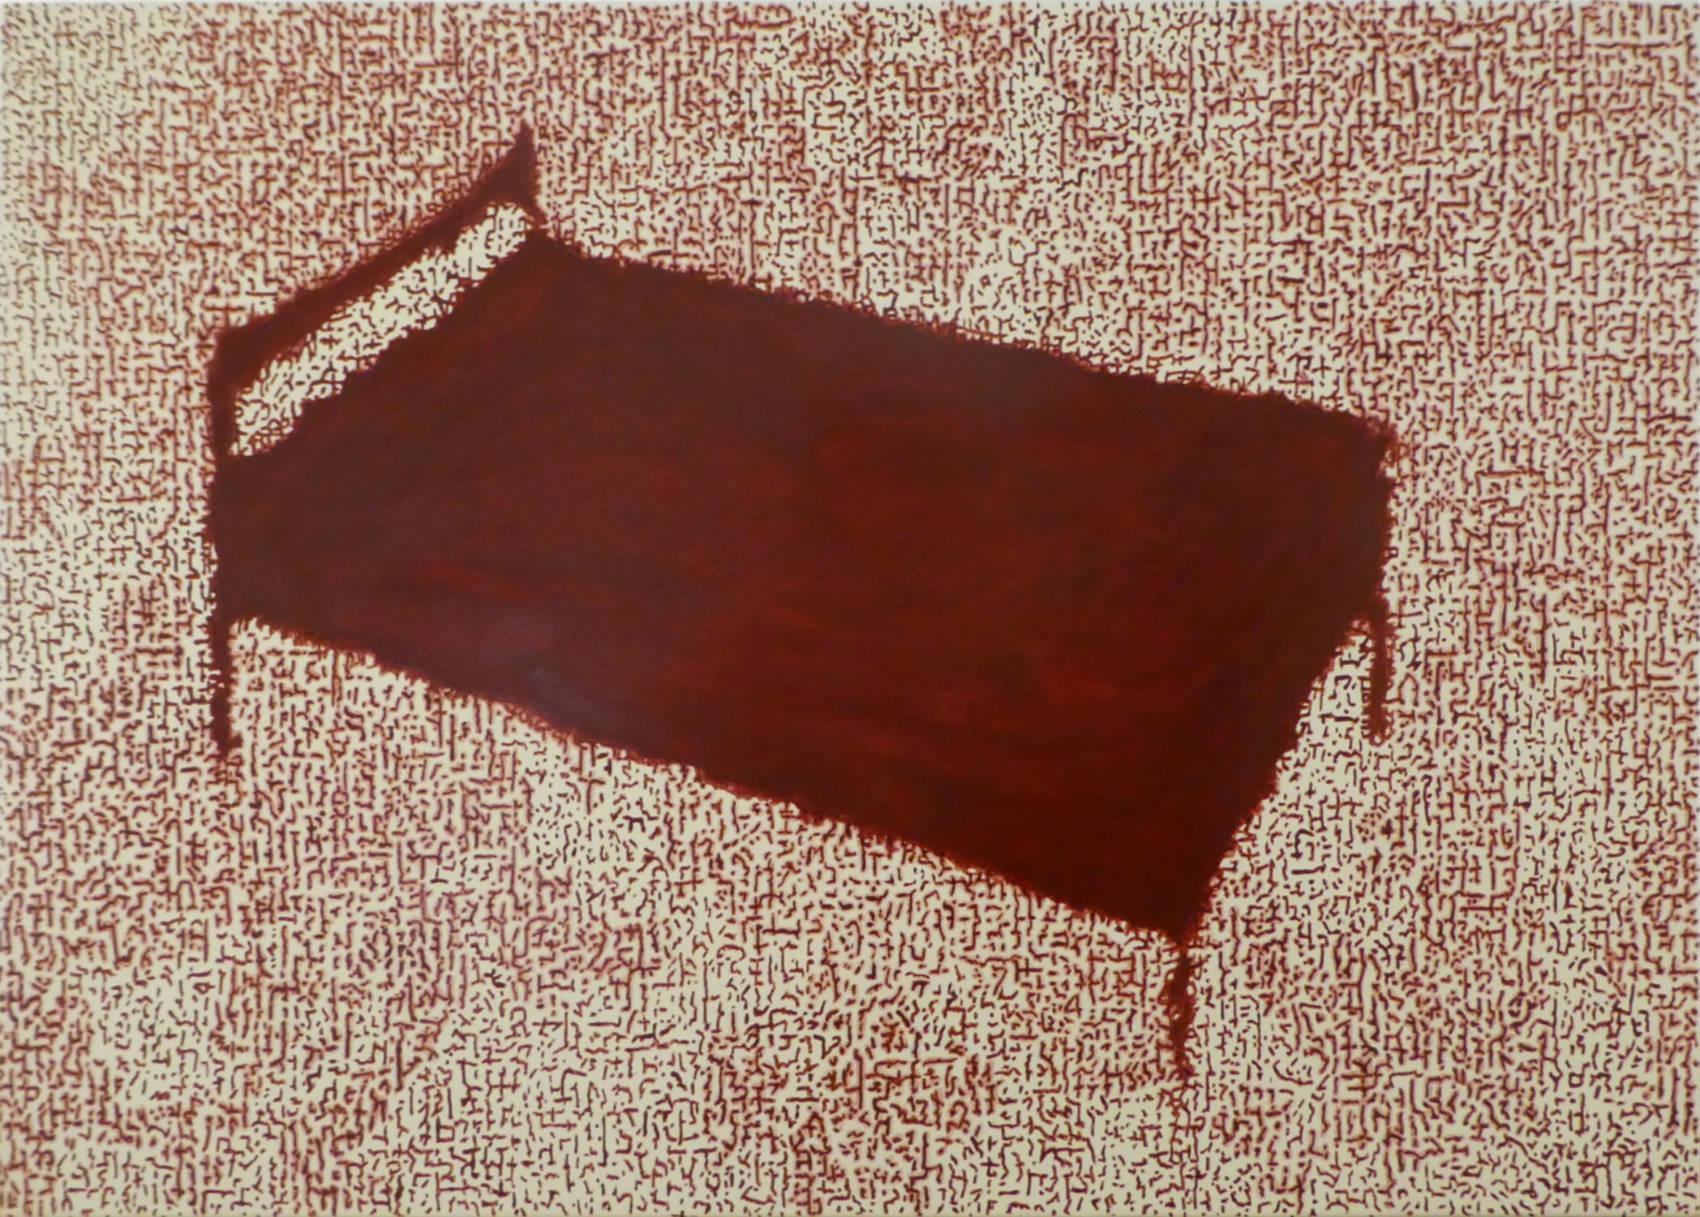 Sans titre, 2017, peinture acrylique sur bois, 50 x 70 cm